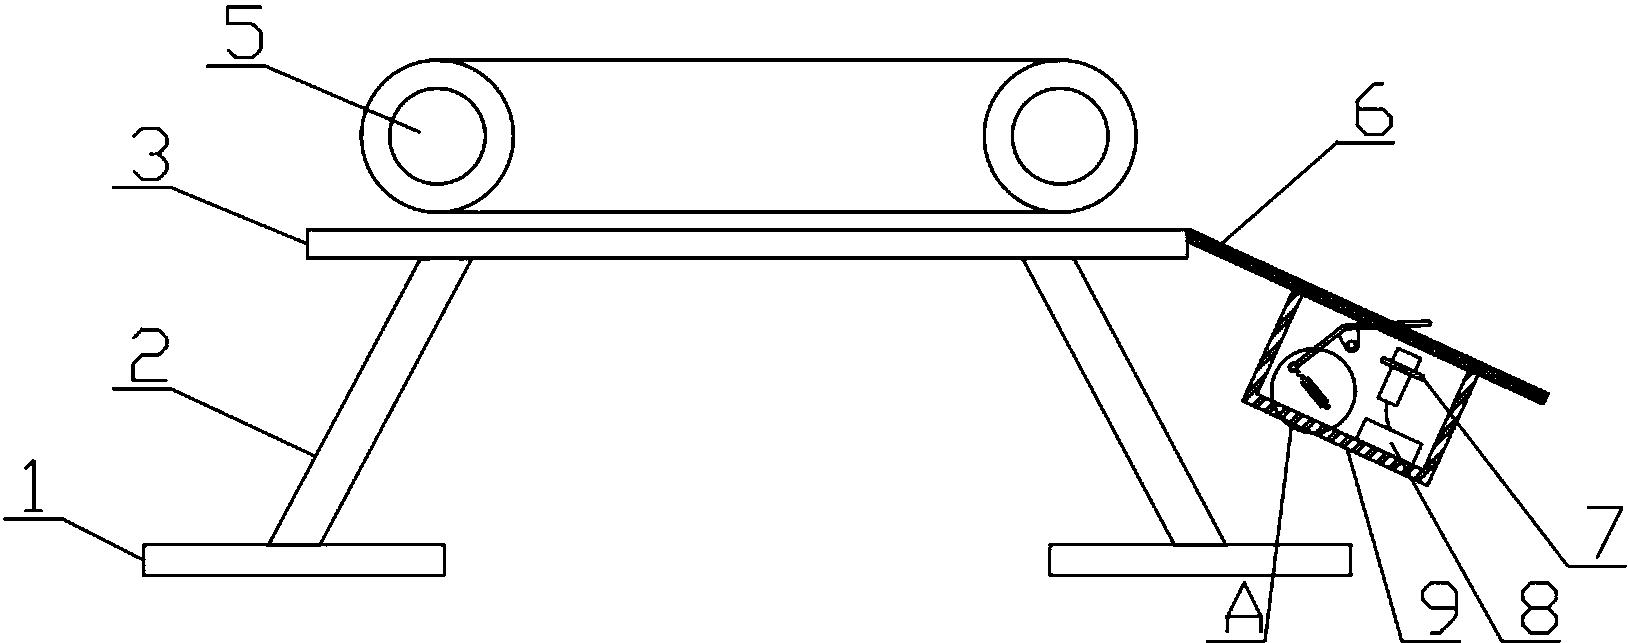 双工位螺丝螺帽计数包装机械